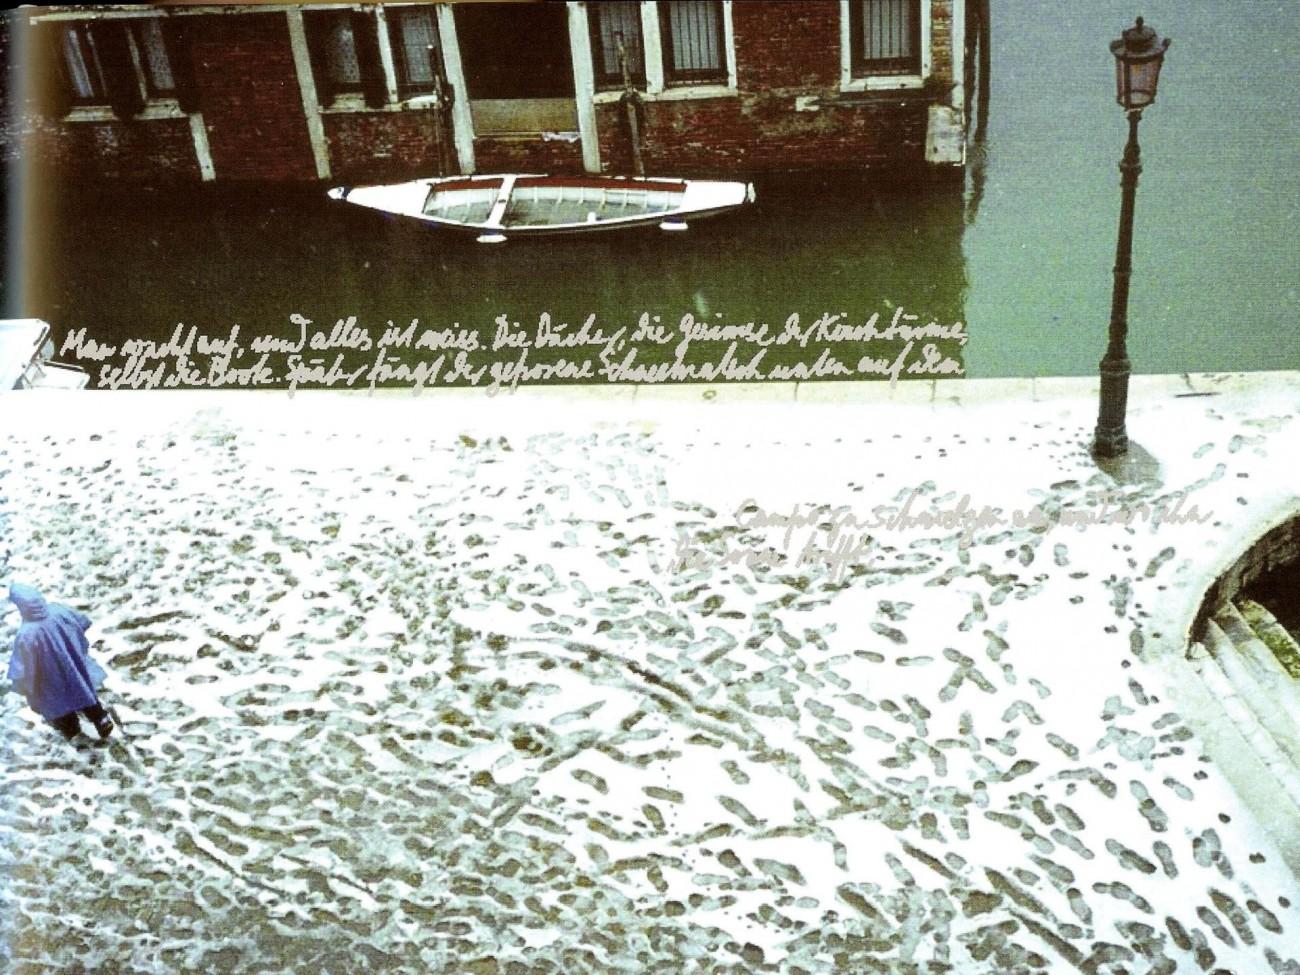 1.3-8 2004 Erica Pedretti - Fussspuren im verschneiten Venedig 001